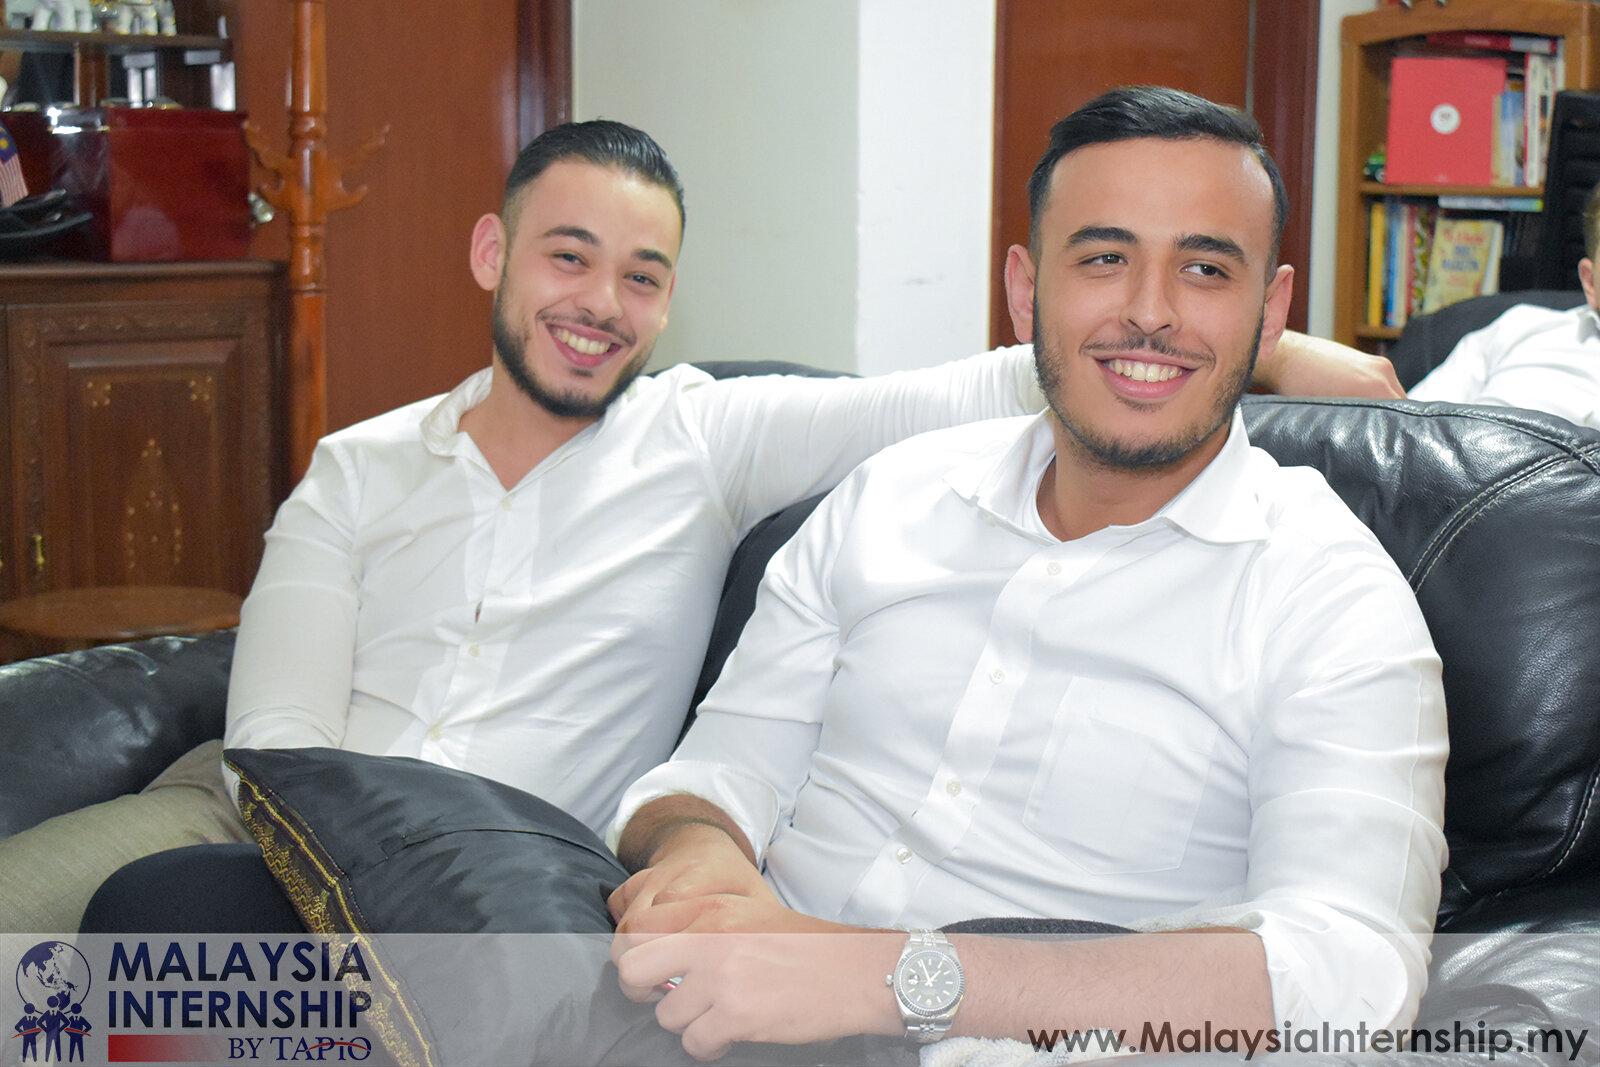 20200219 - Wednesday Club with Sa'adah